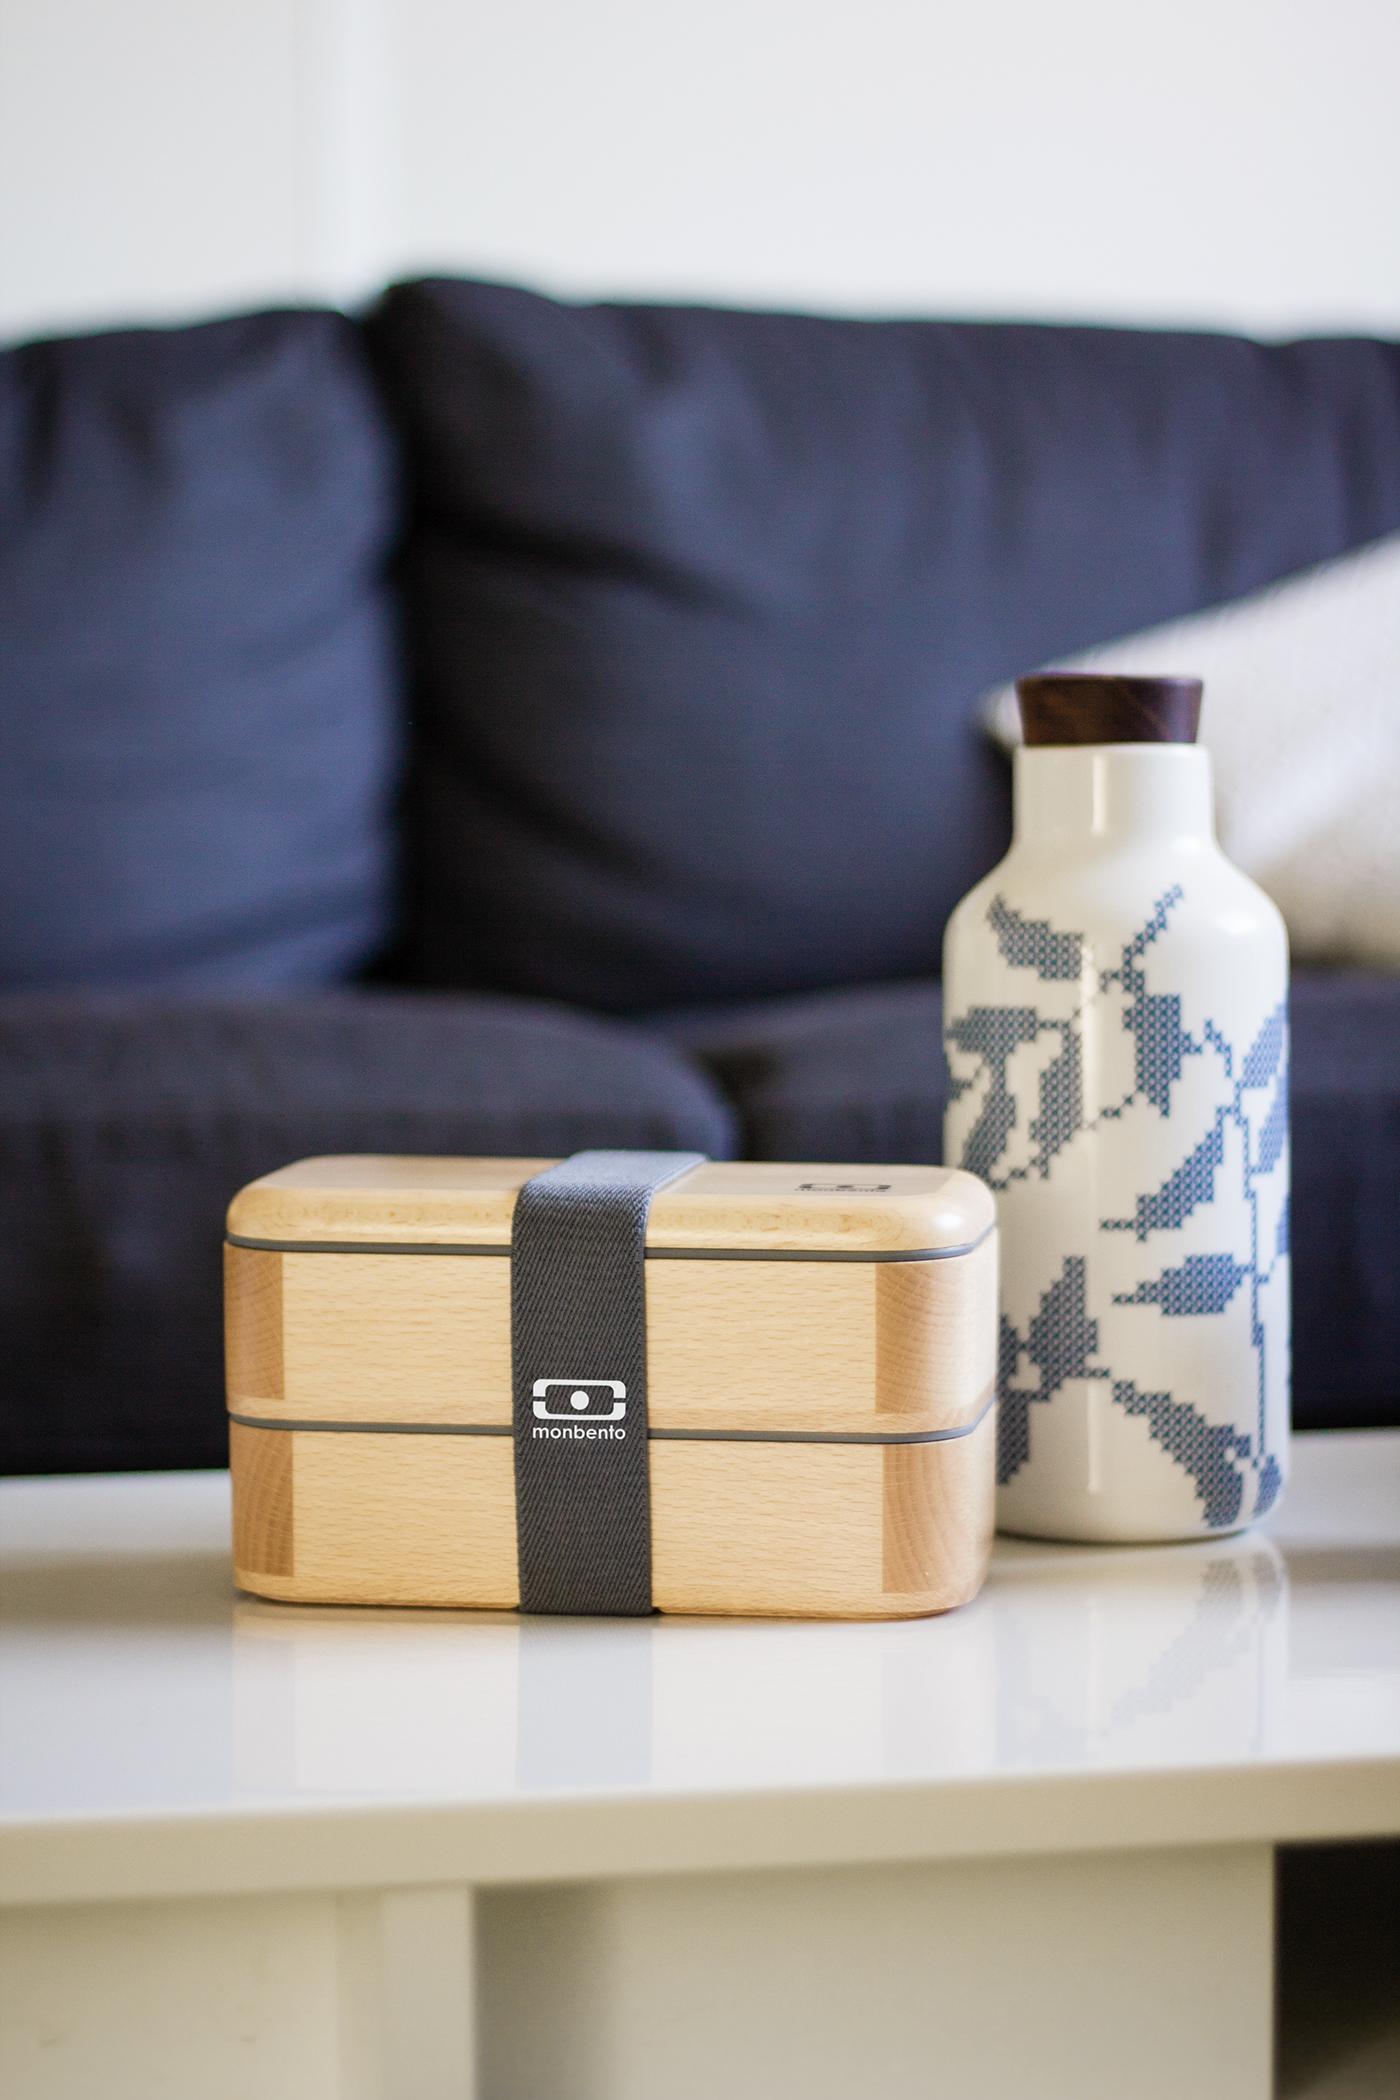 有設計感的23個餐具盒設計欣賞